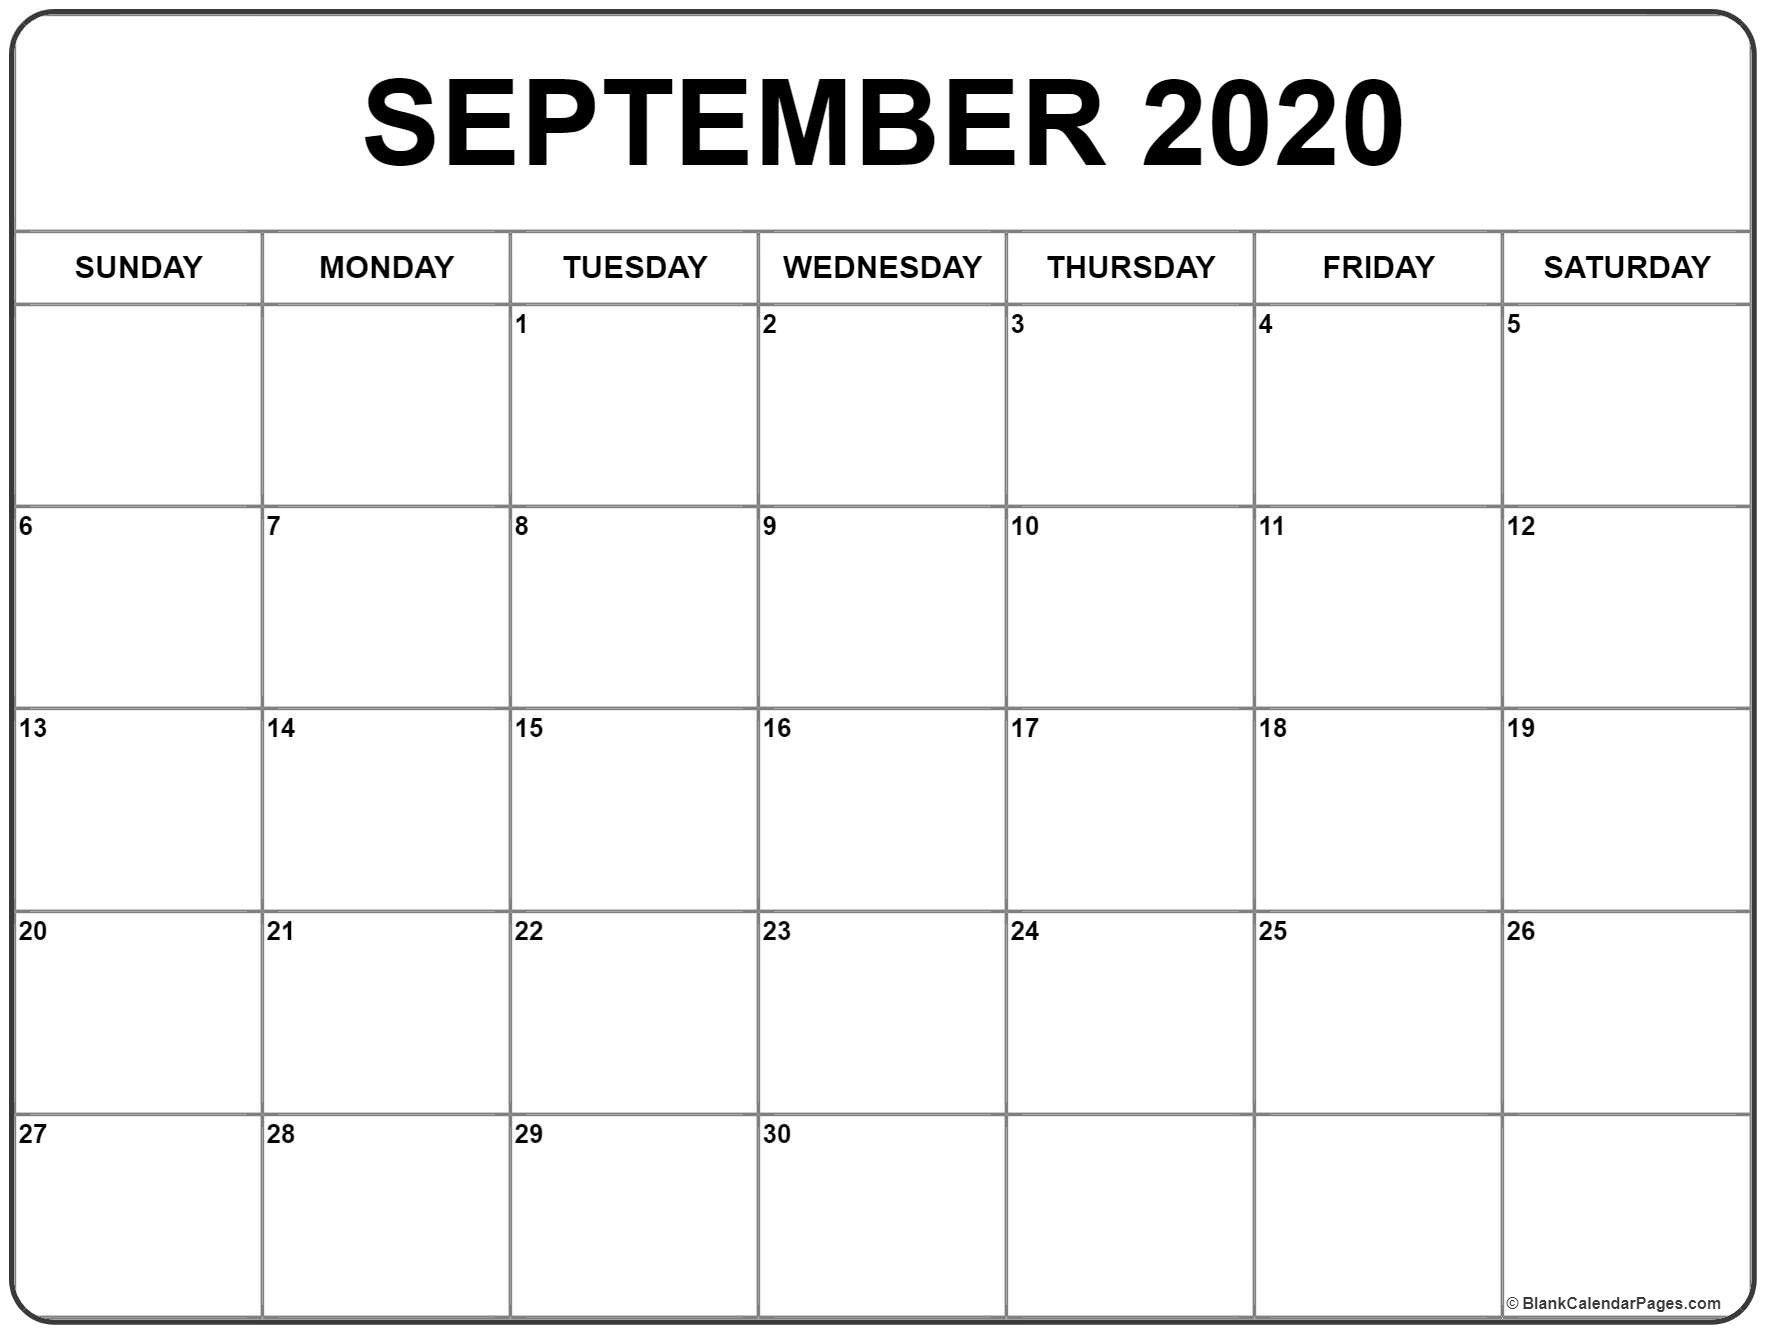 september 2020 calendar 51 calendar templates of 2020 september 1767x1333